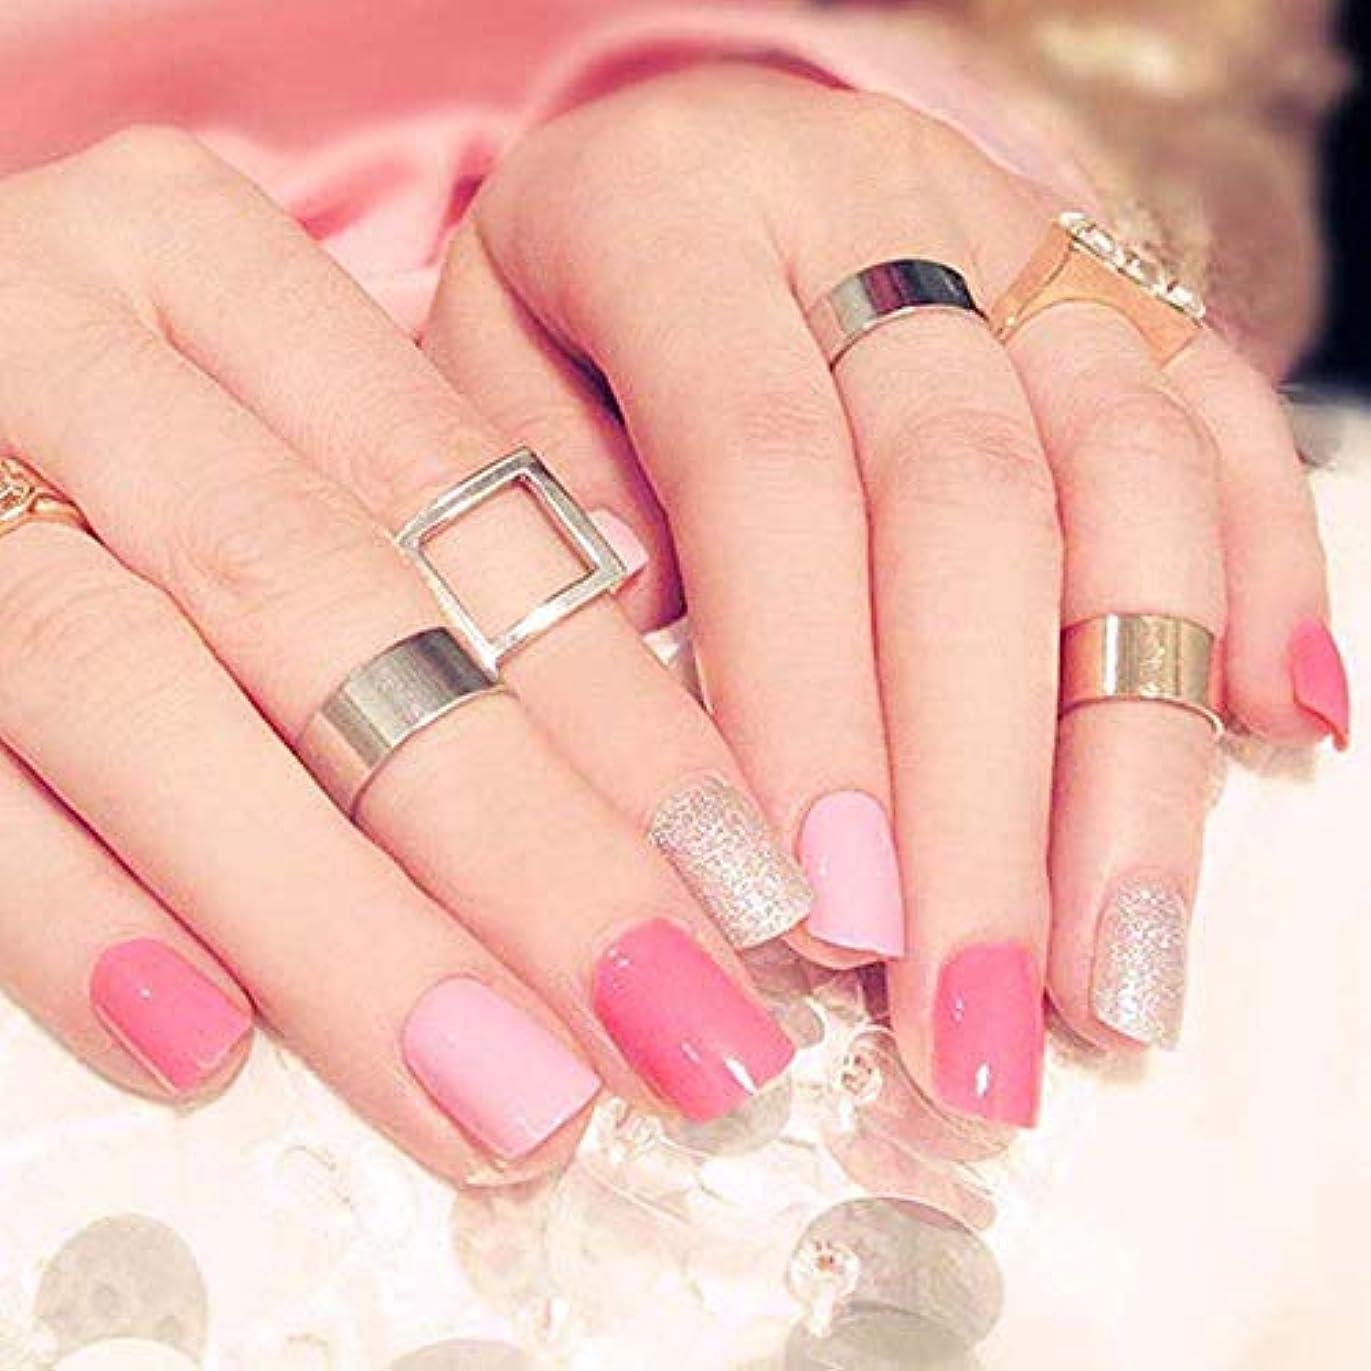 昼間配送人気のXUTXZKA 24ピースピンク色偽爪女性きらめきグリッターネイルアートのヒント短いサイズフルカバービルド爪